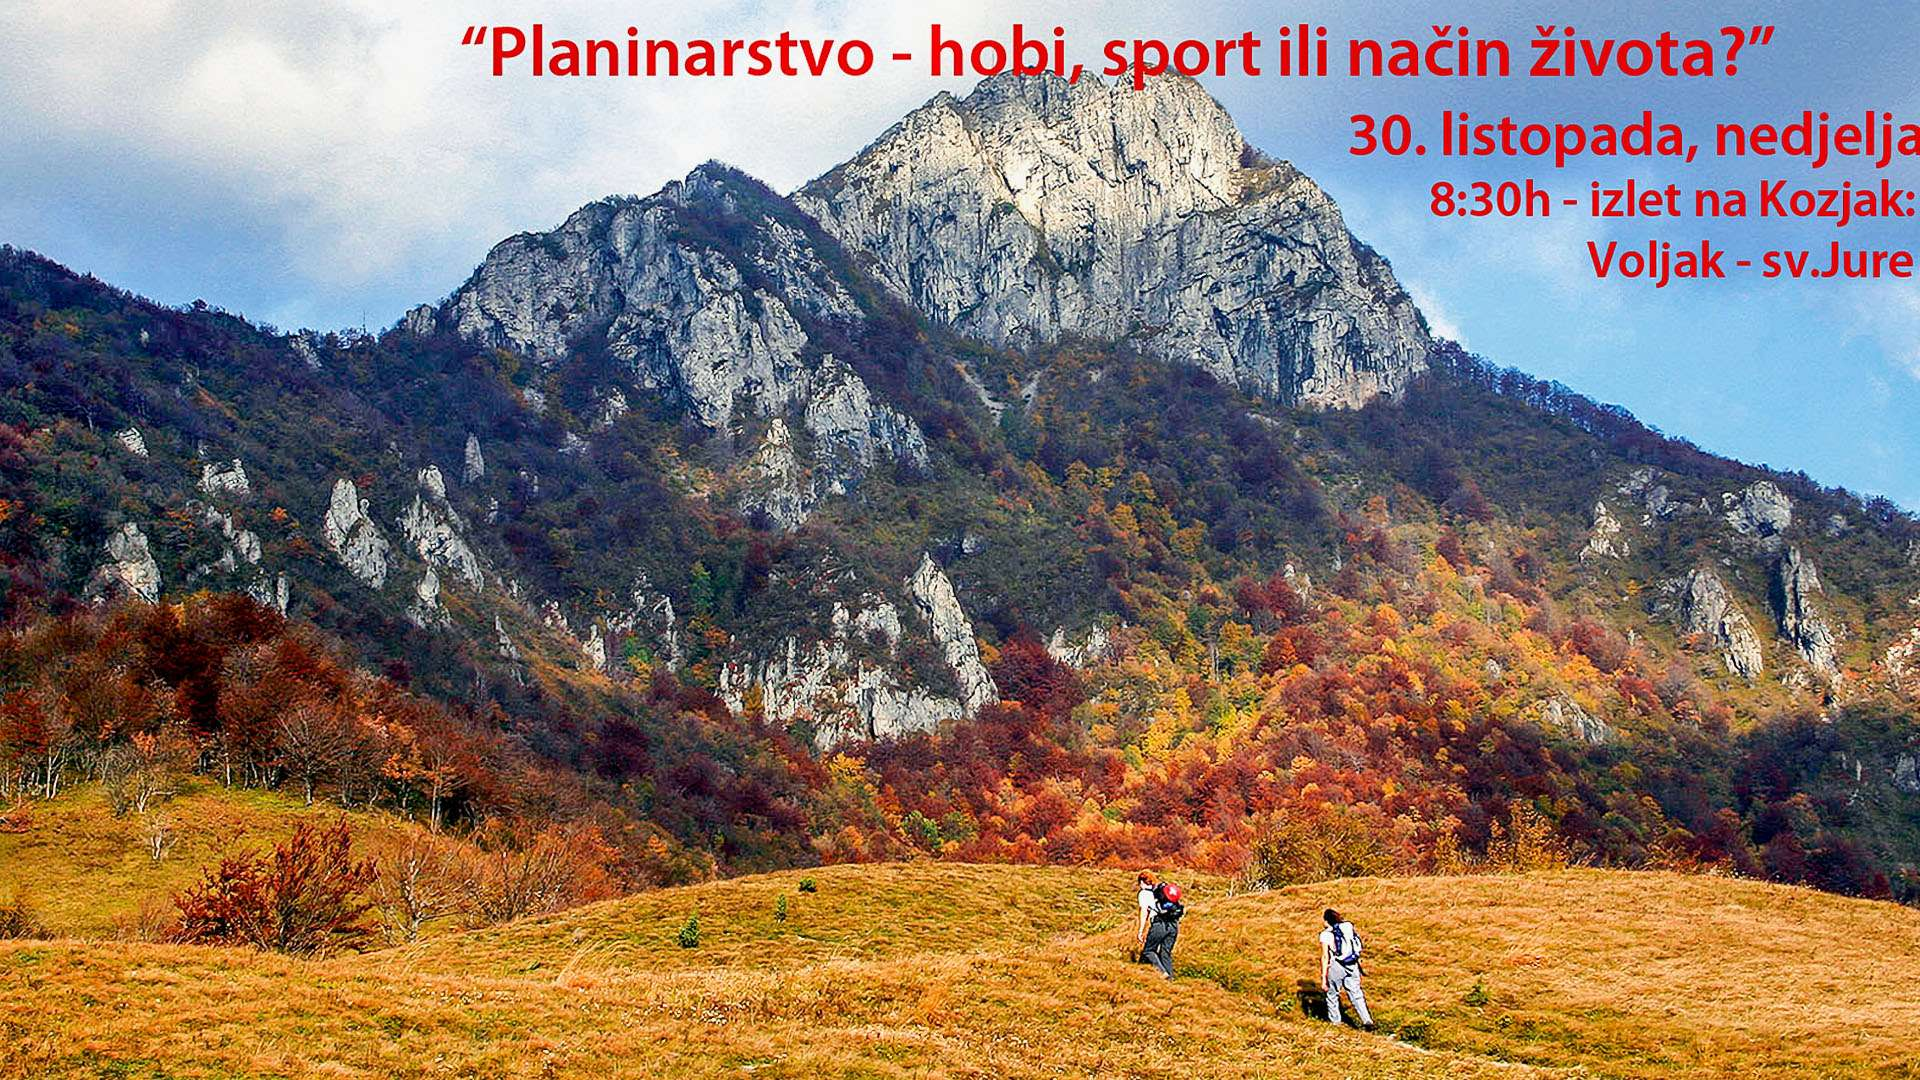 Planinarsko društvo Sveti Jure